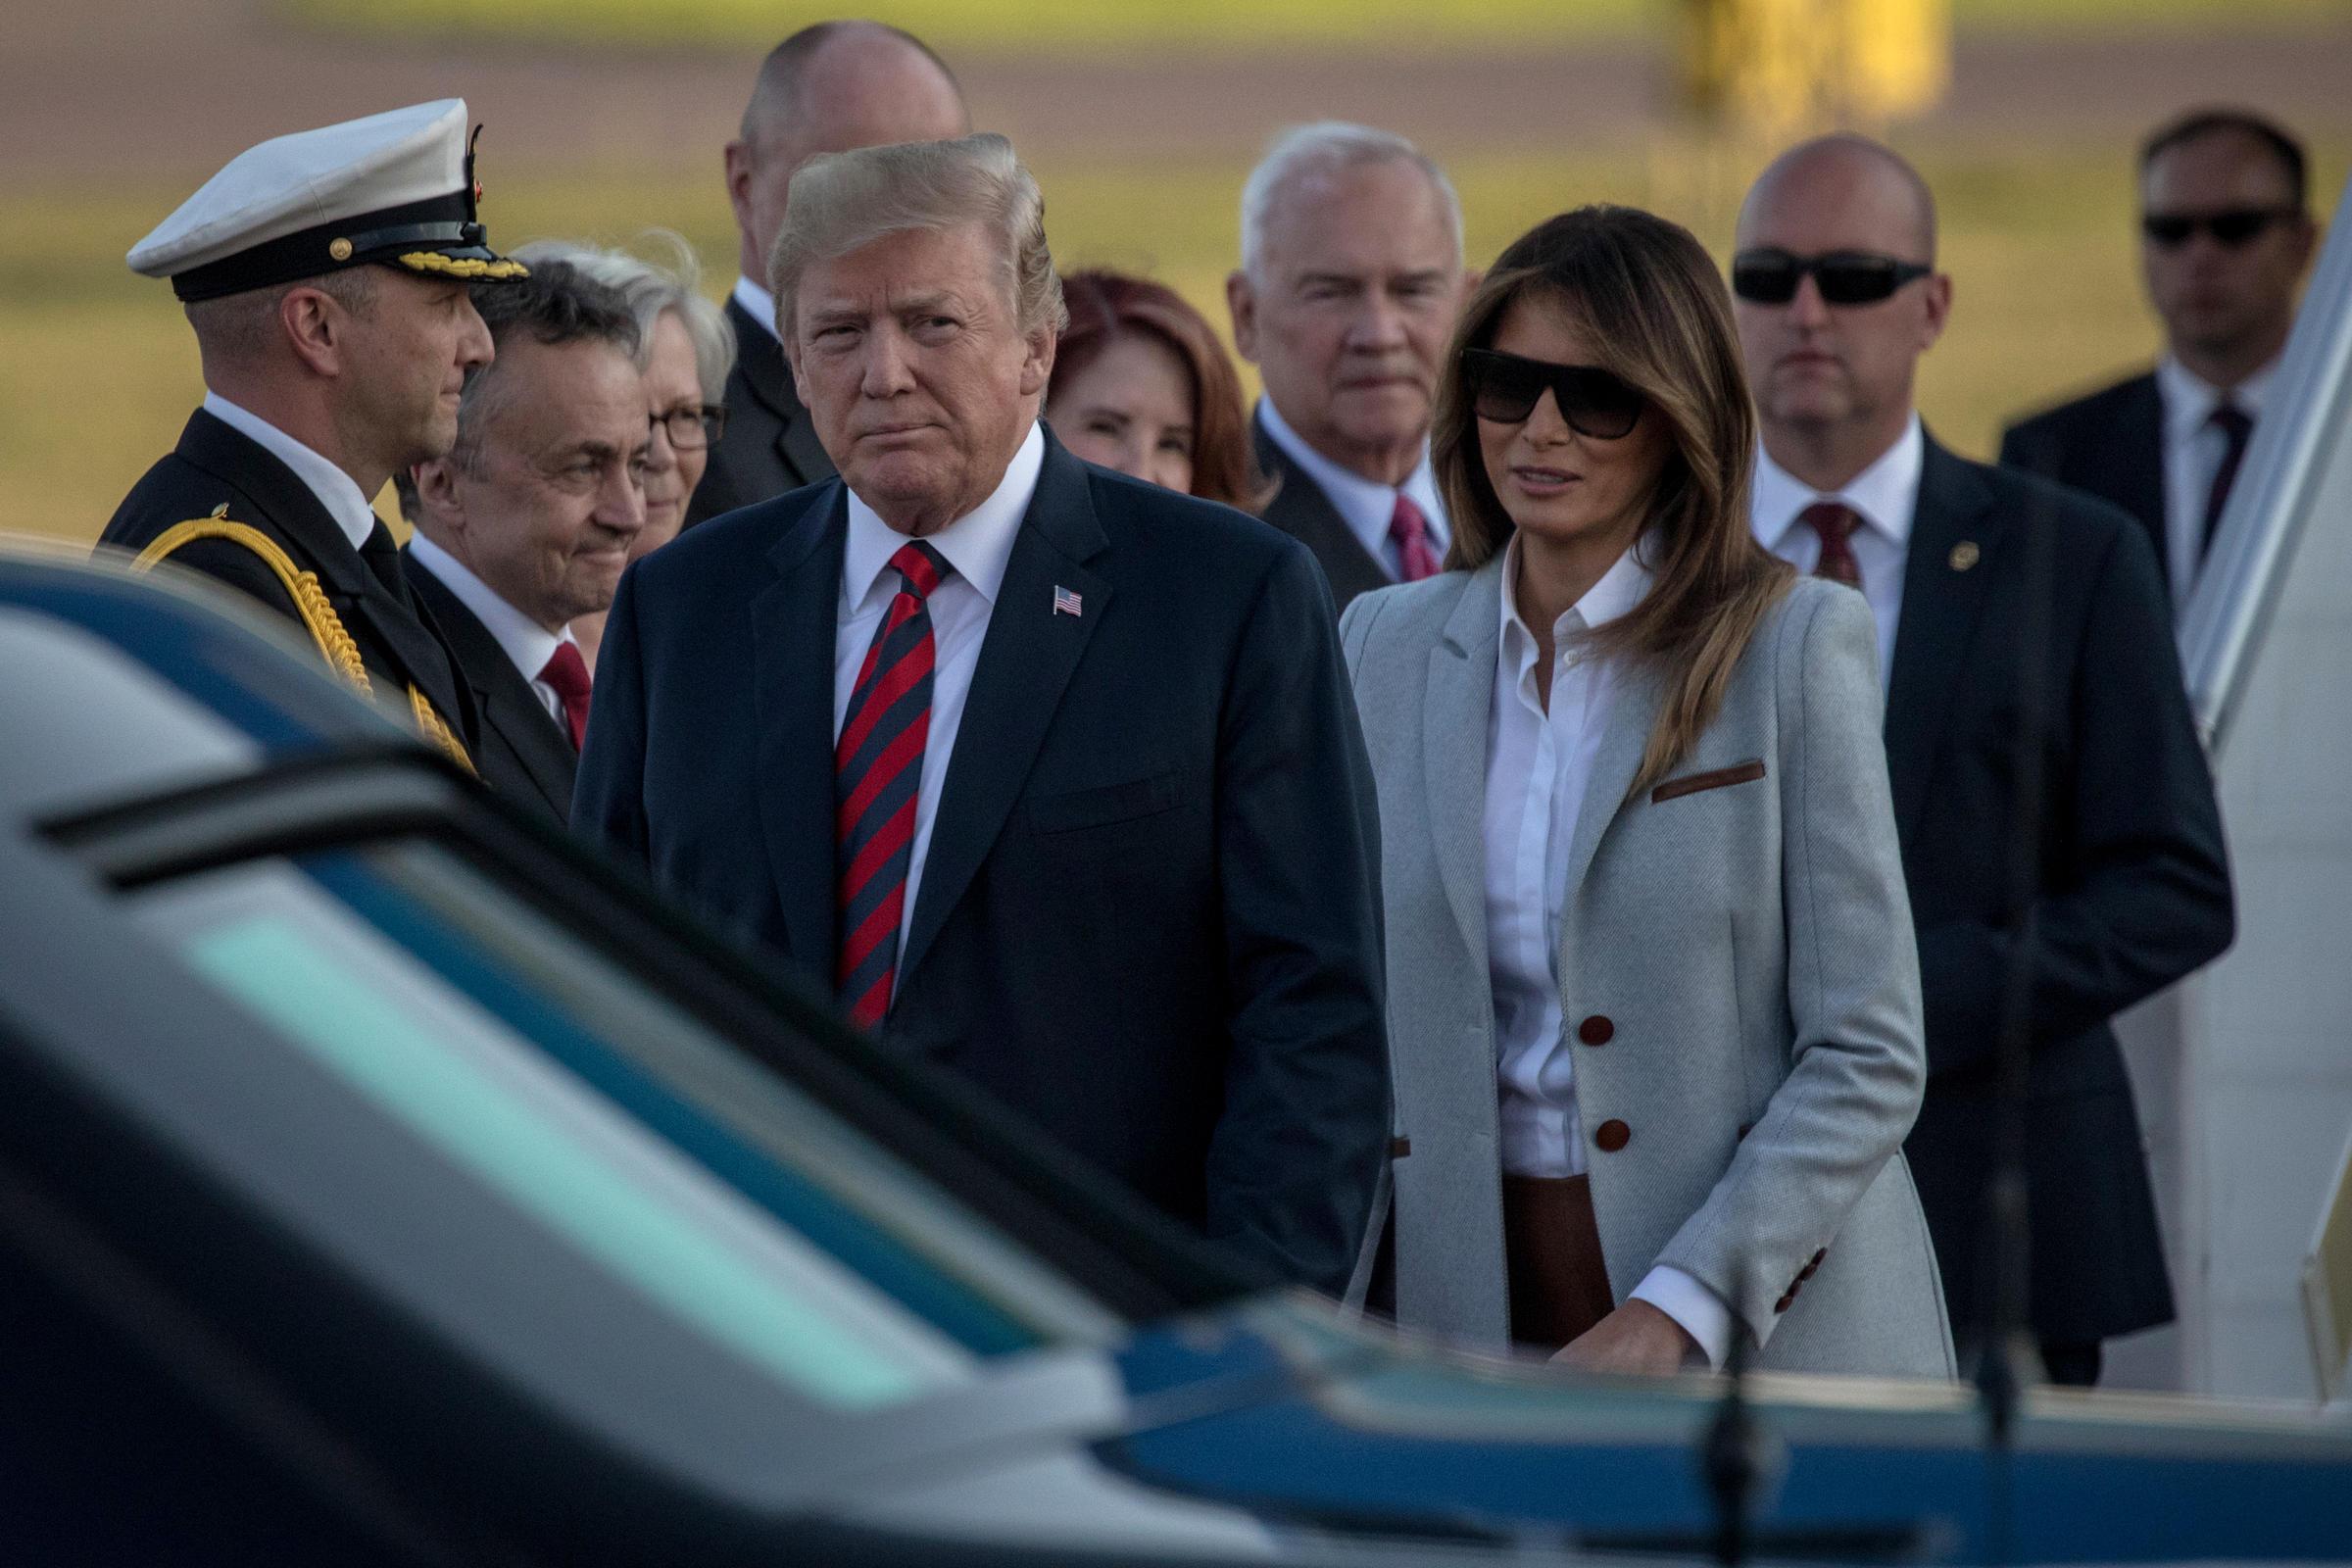 Trump arrive in Helsinki